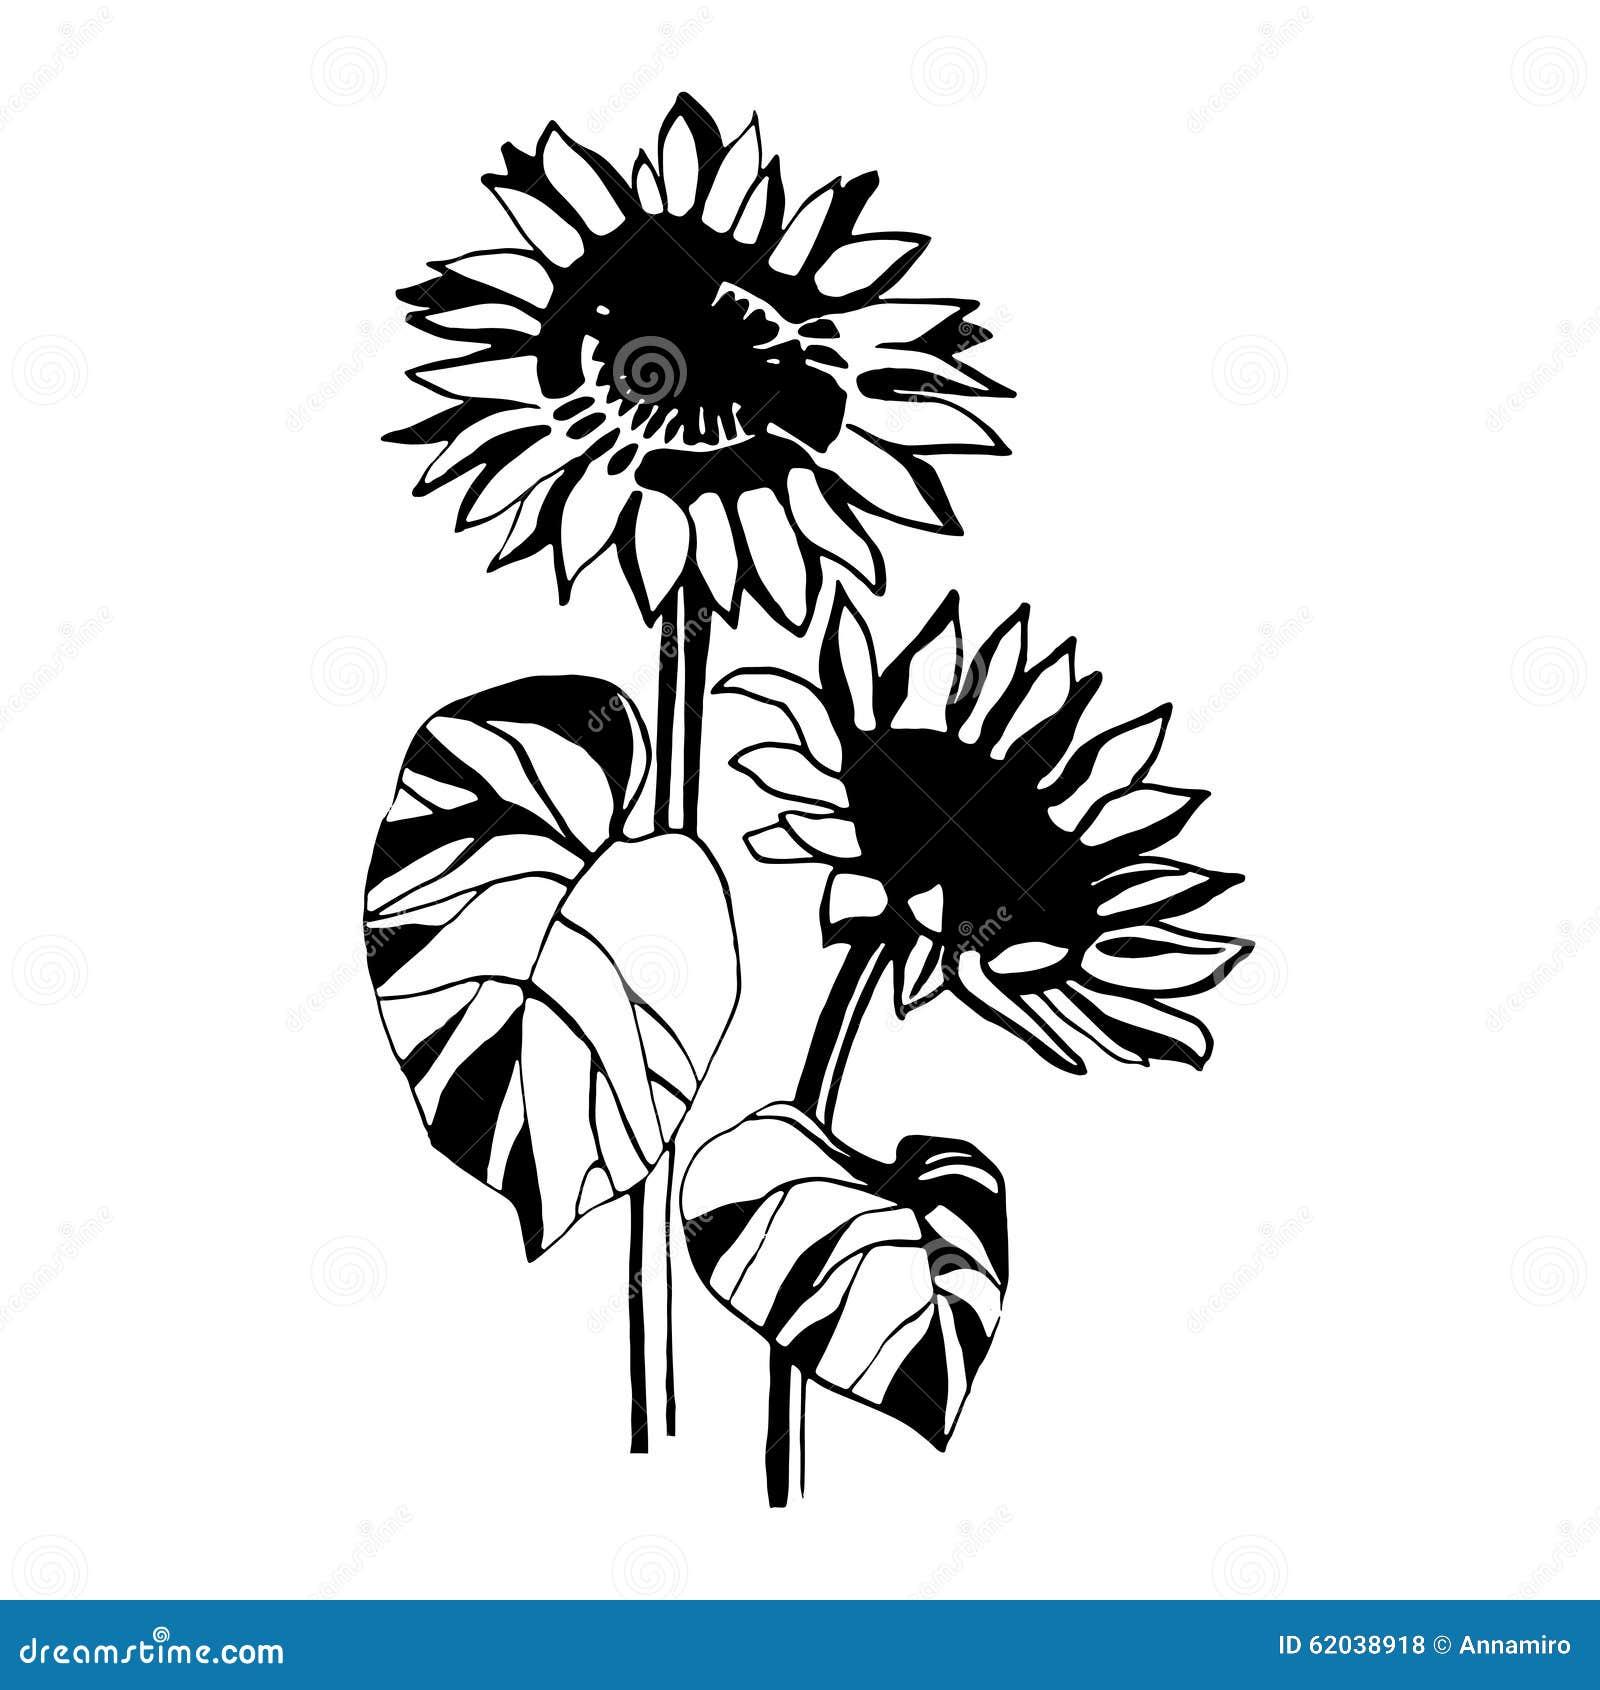 Sunflower Graphic Design